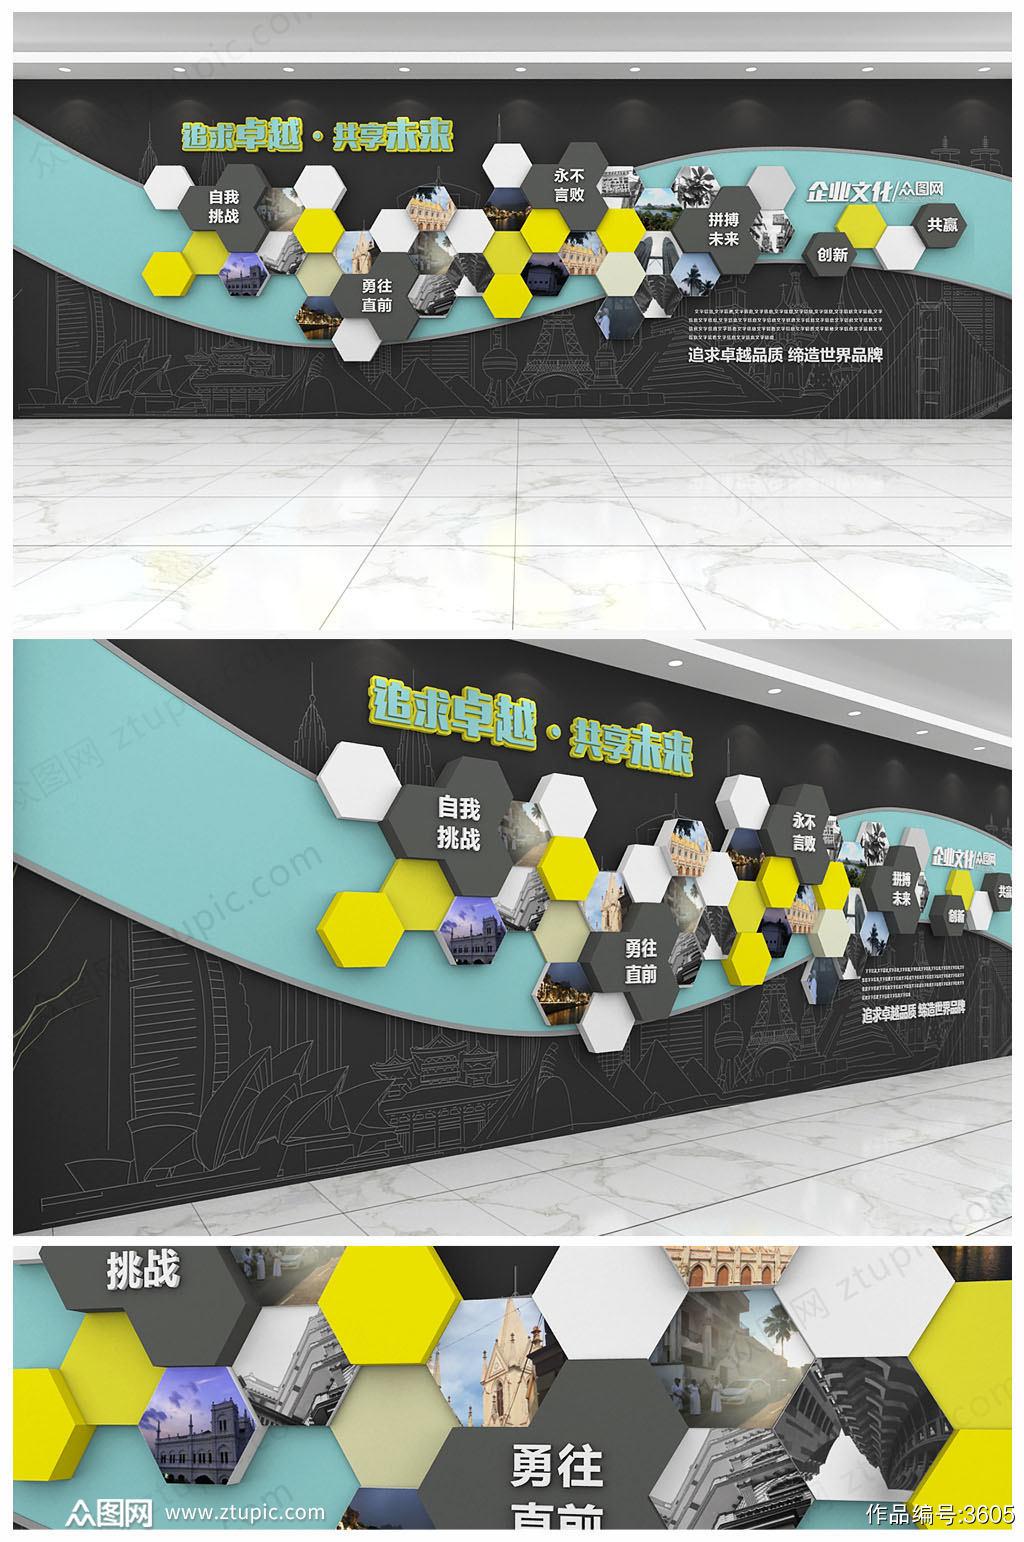 企业文化员工形象墙设计效果图素材